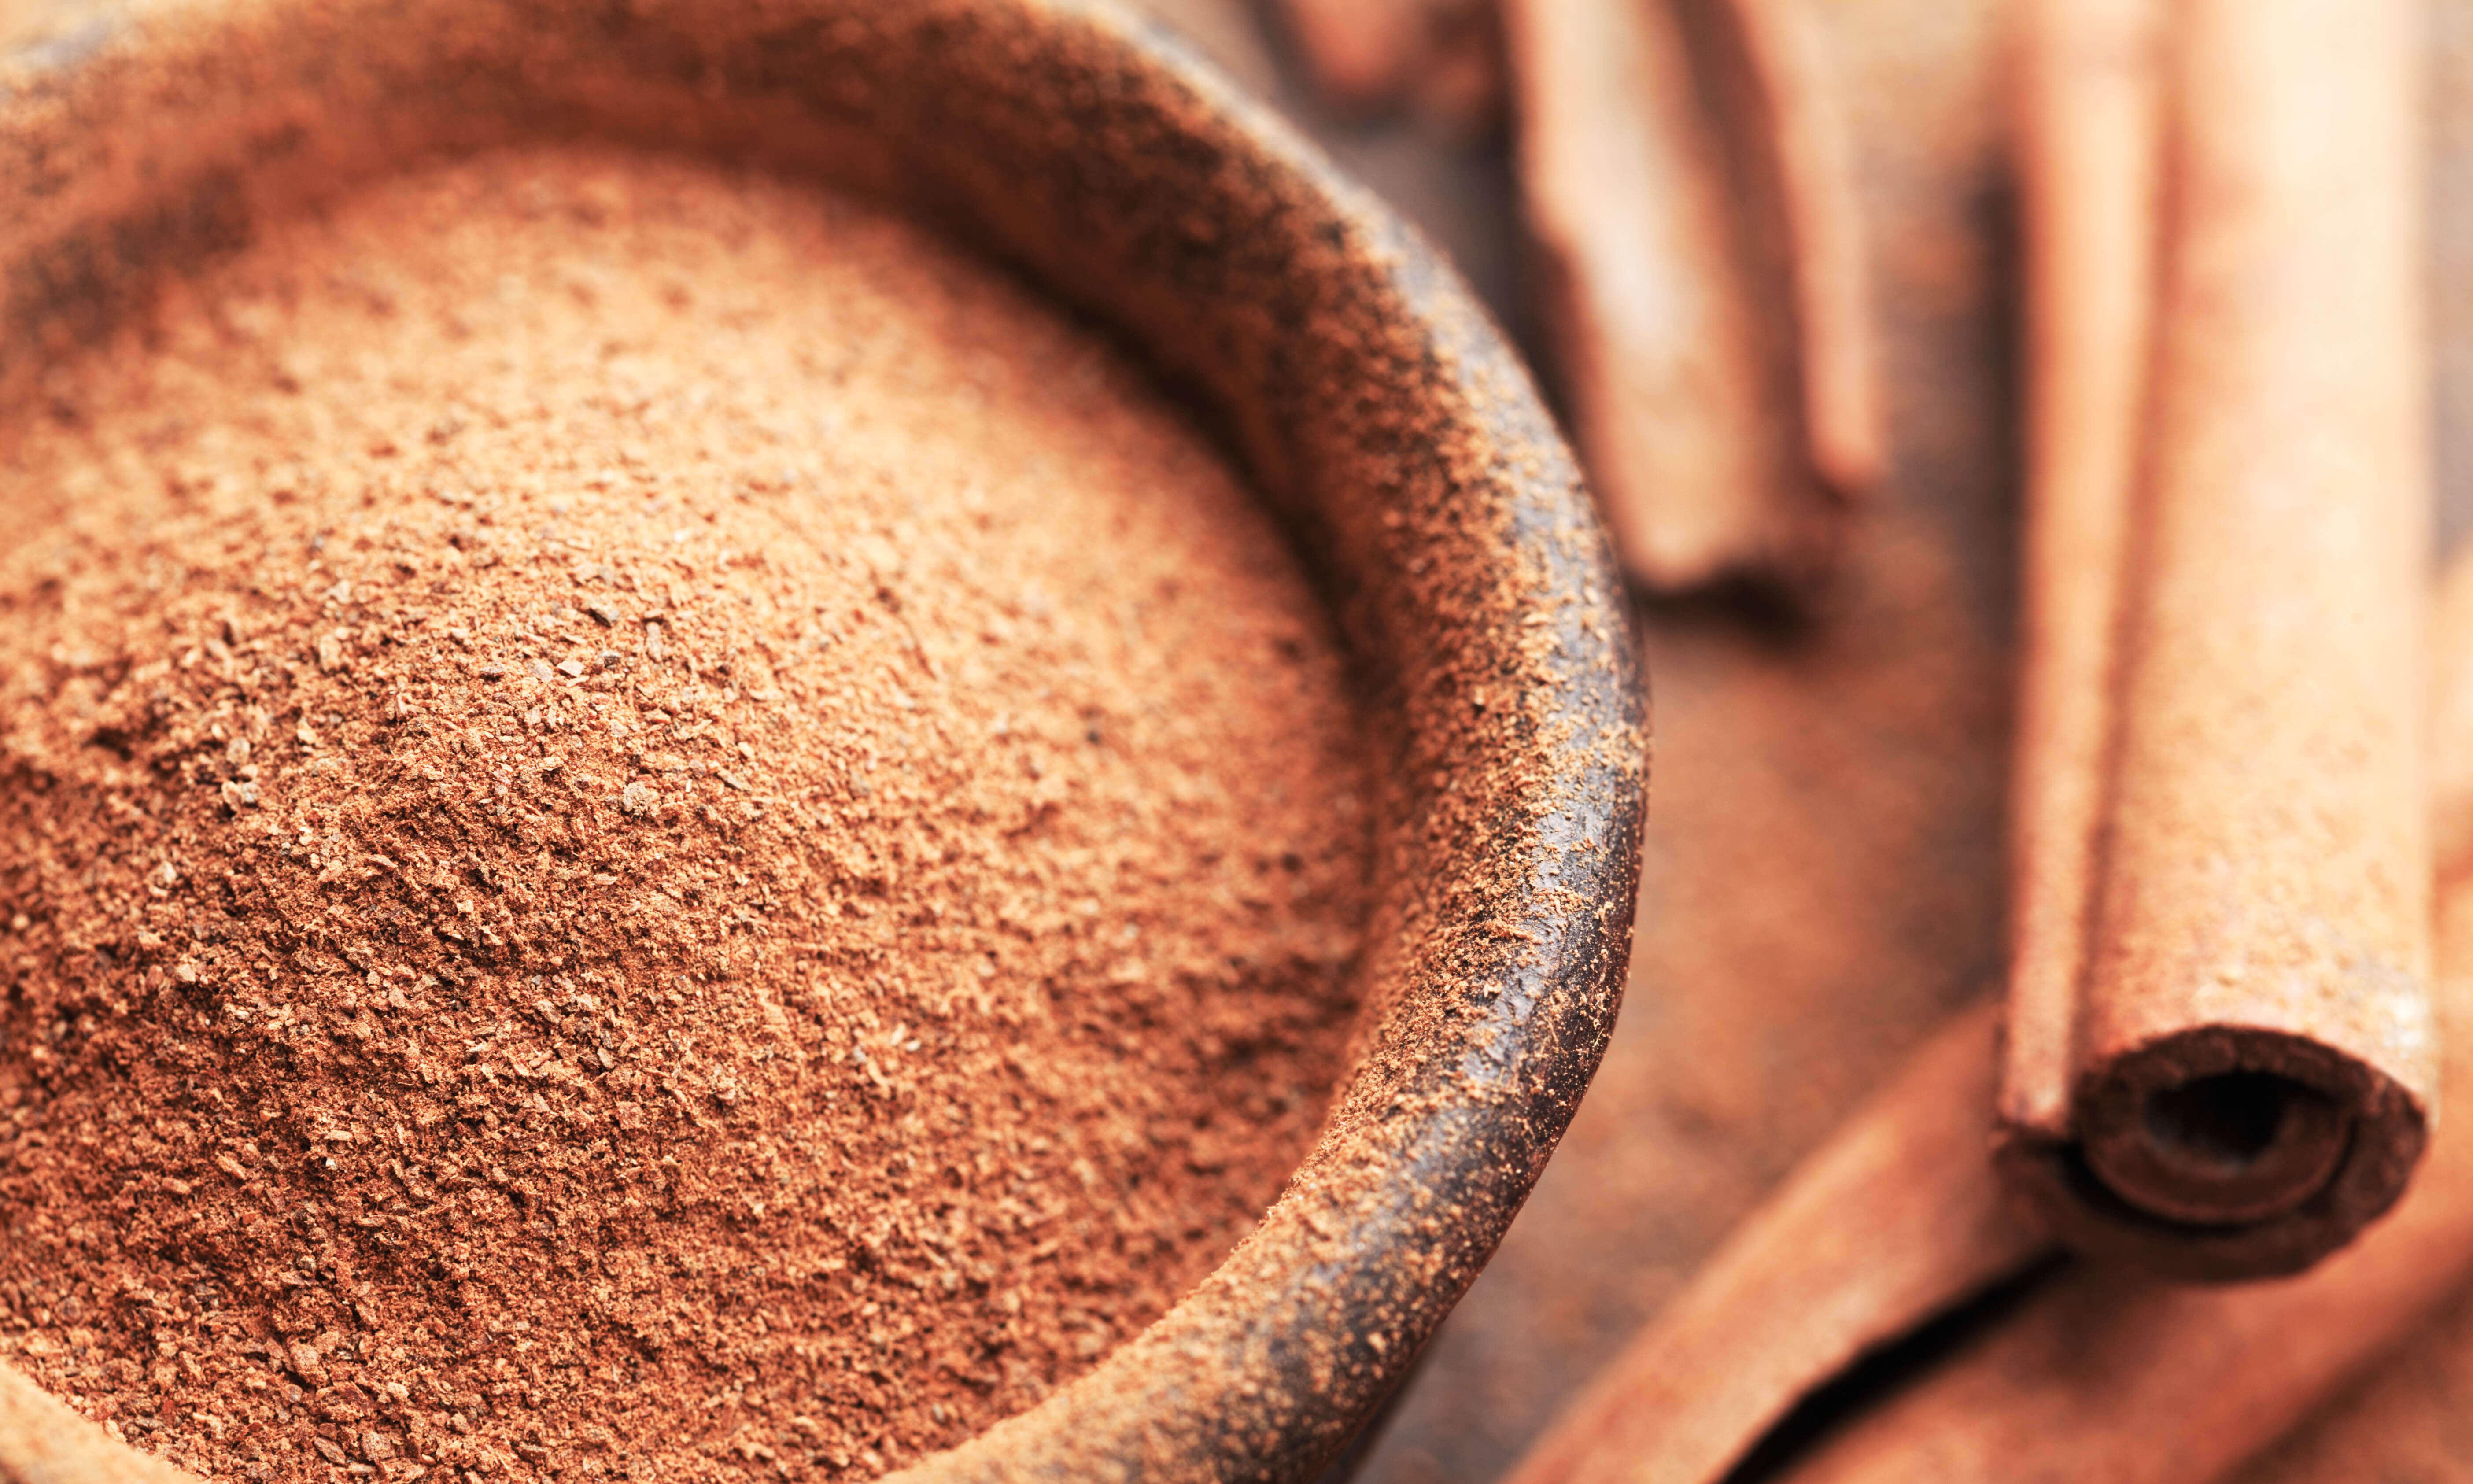 Cinnamon Oil Uses & Benefits